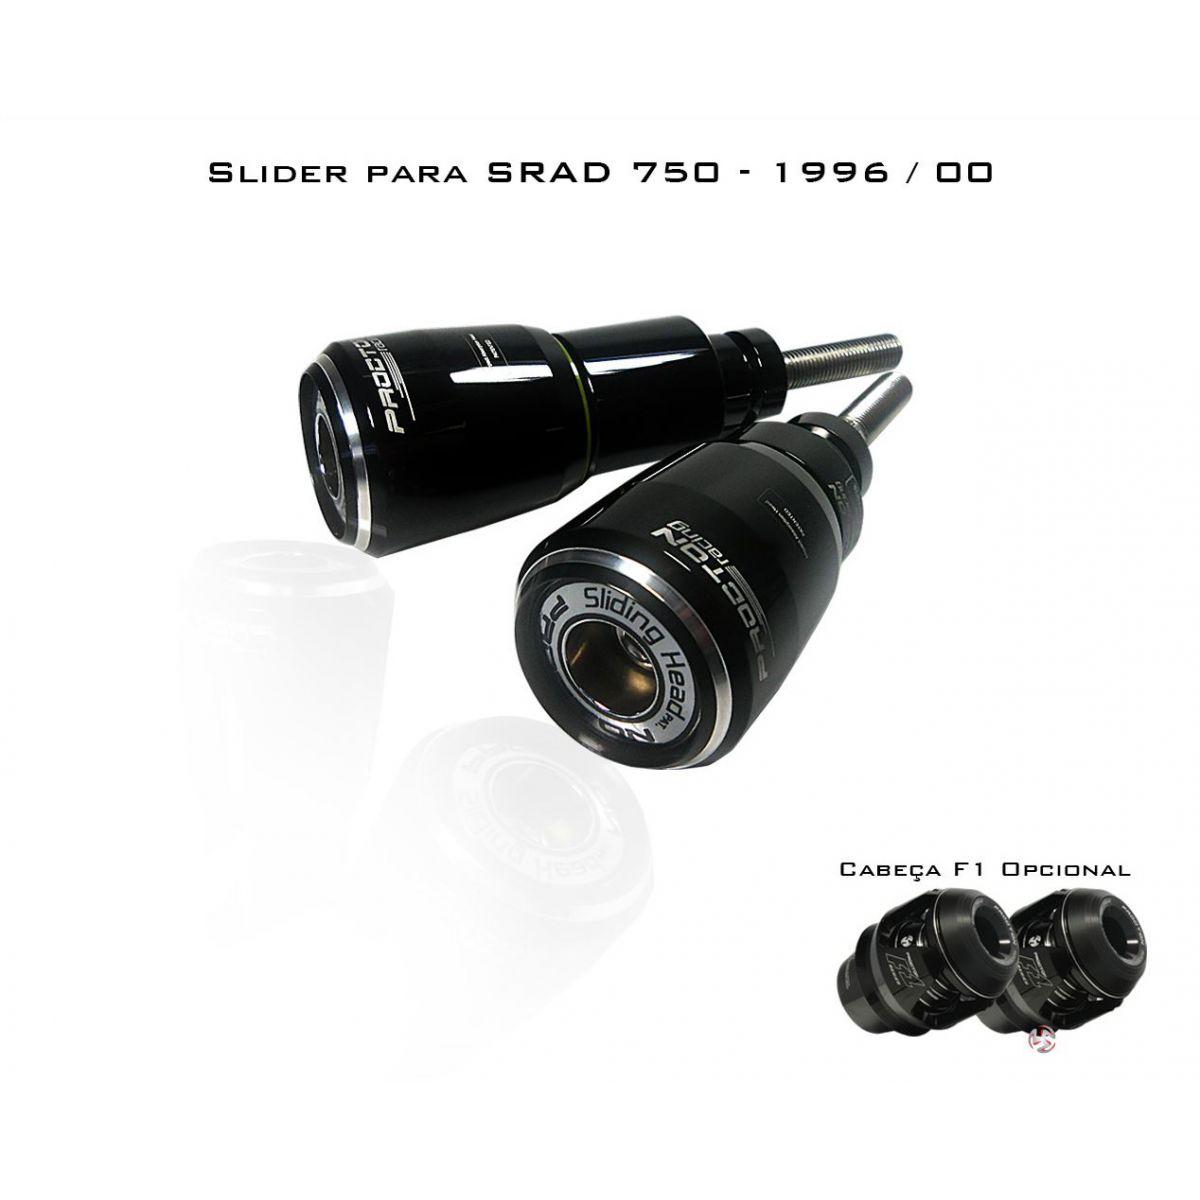 Slider Dianteiro Procton com Amortecimento p/ SRAD750 96/00  - Nova Suzuki Motos e Acessórios